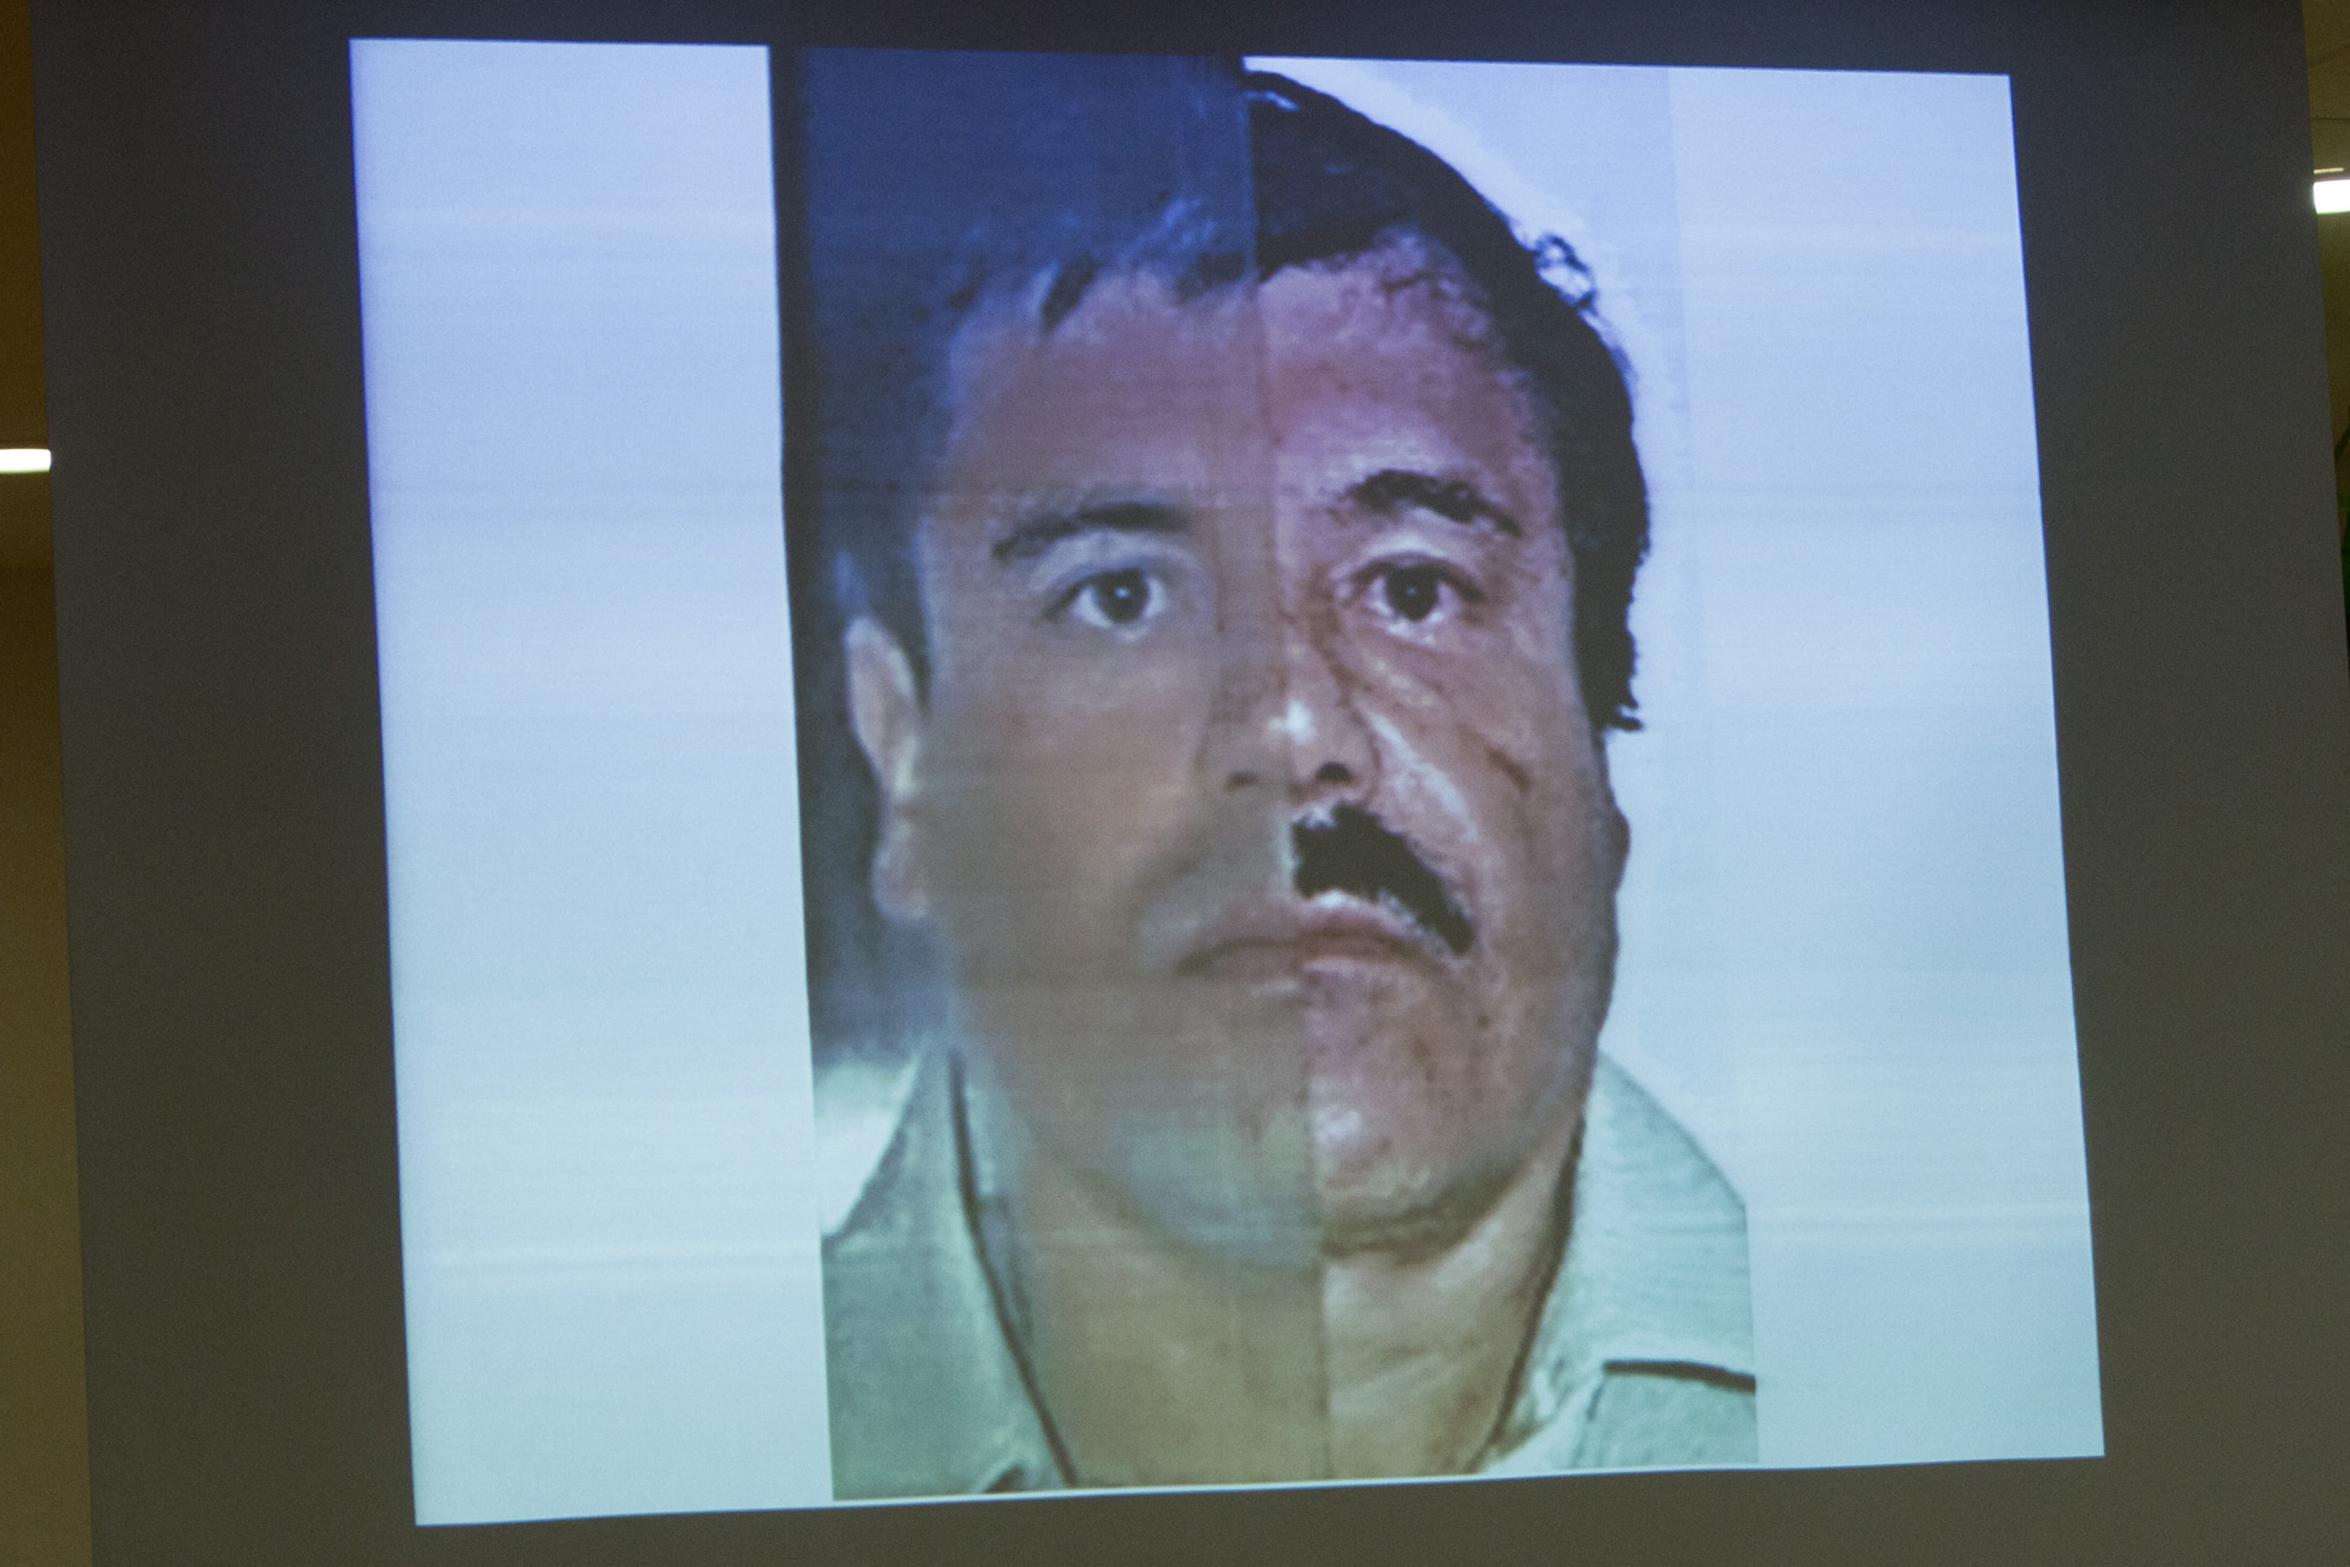 Lottón sorsolták ki a Köpcös néven ismert drogbáró, Joaquín Guzmán egyik házát